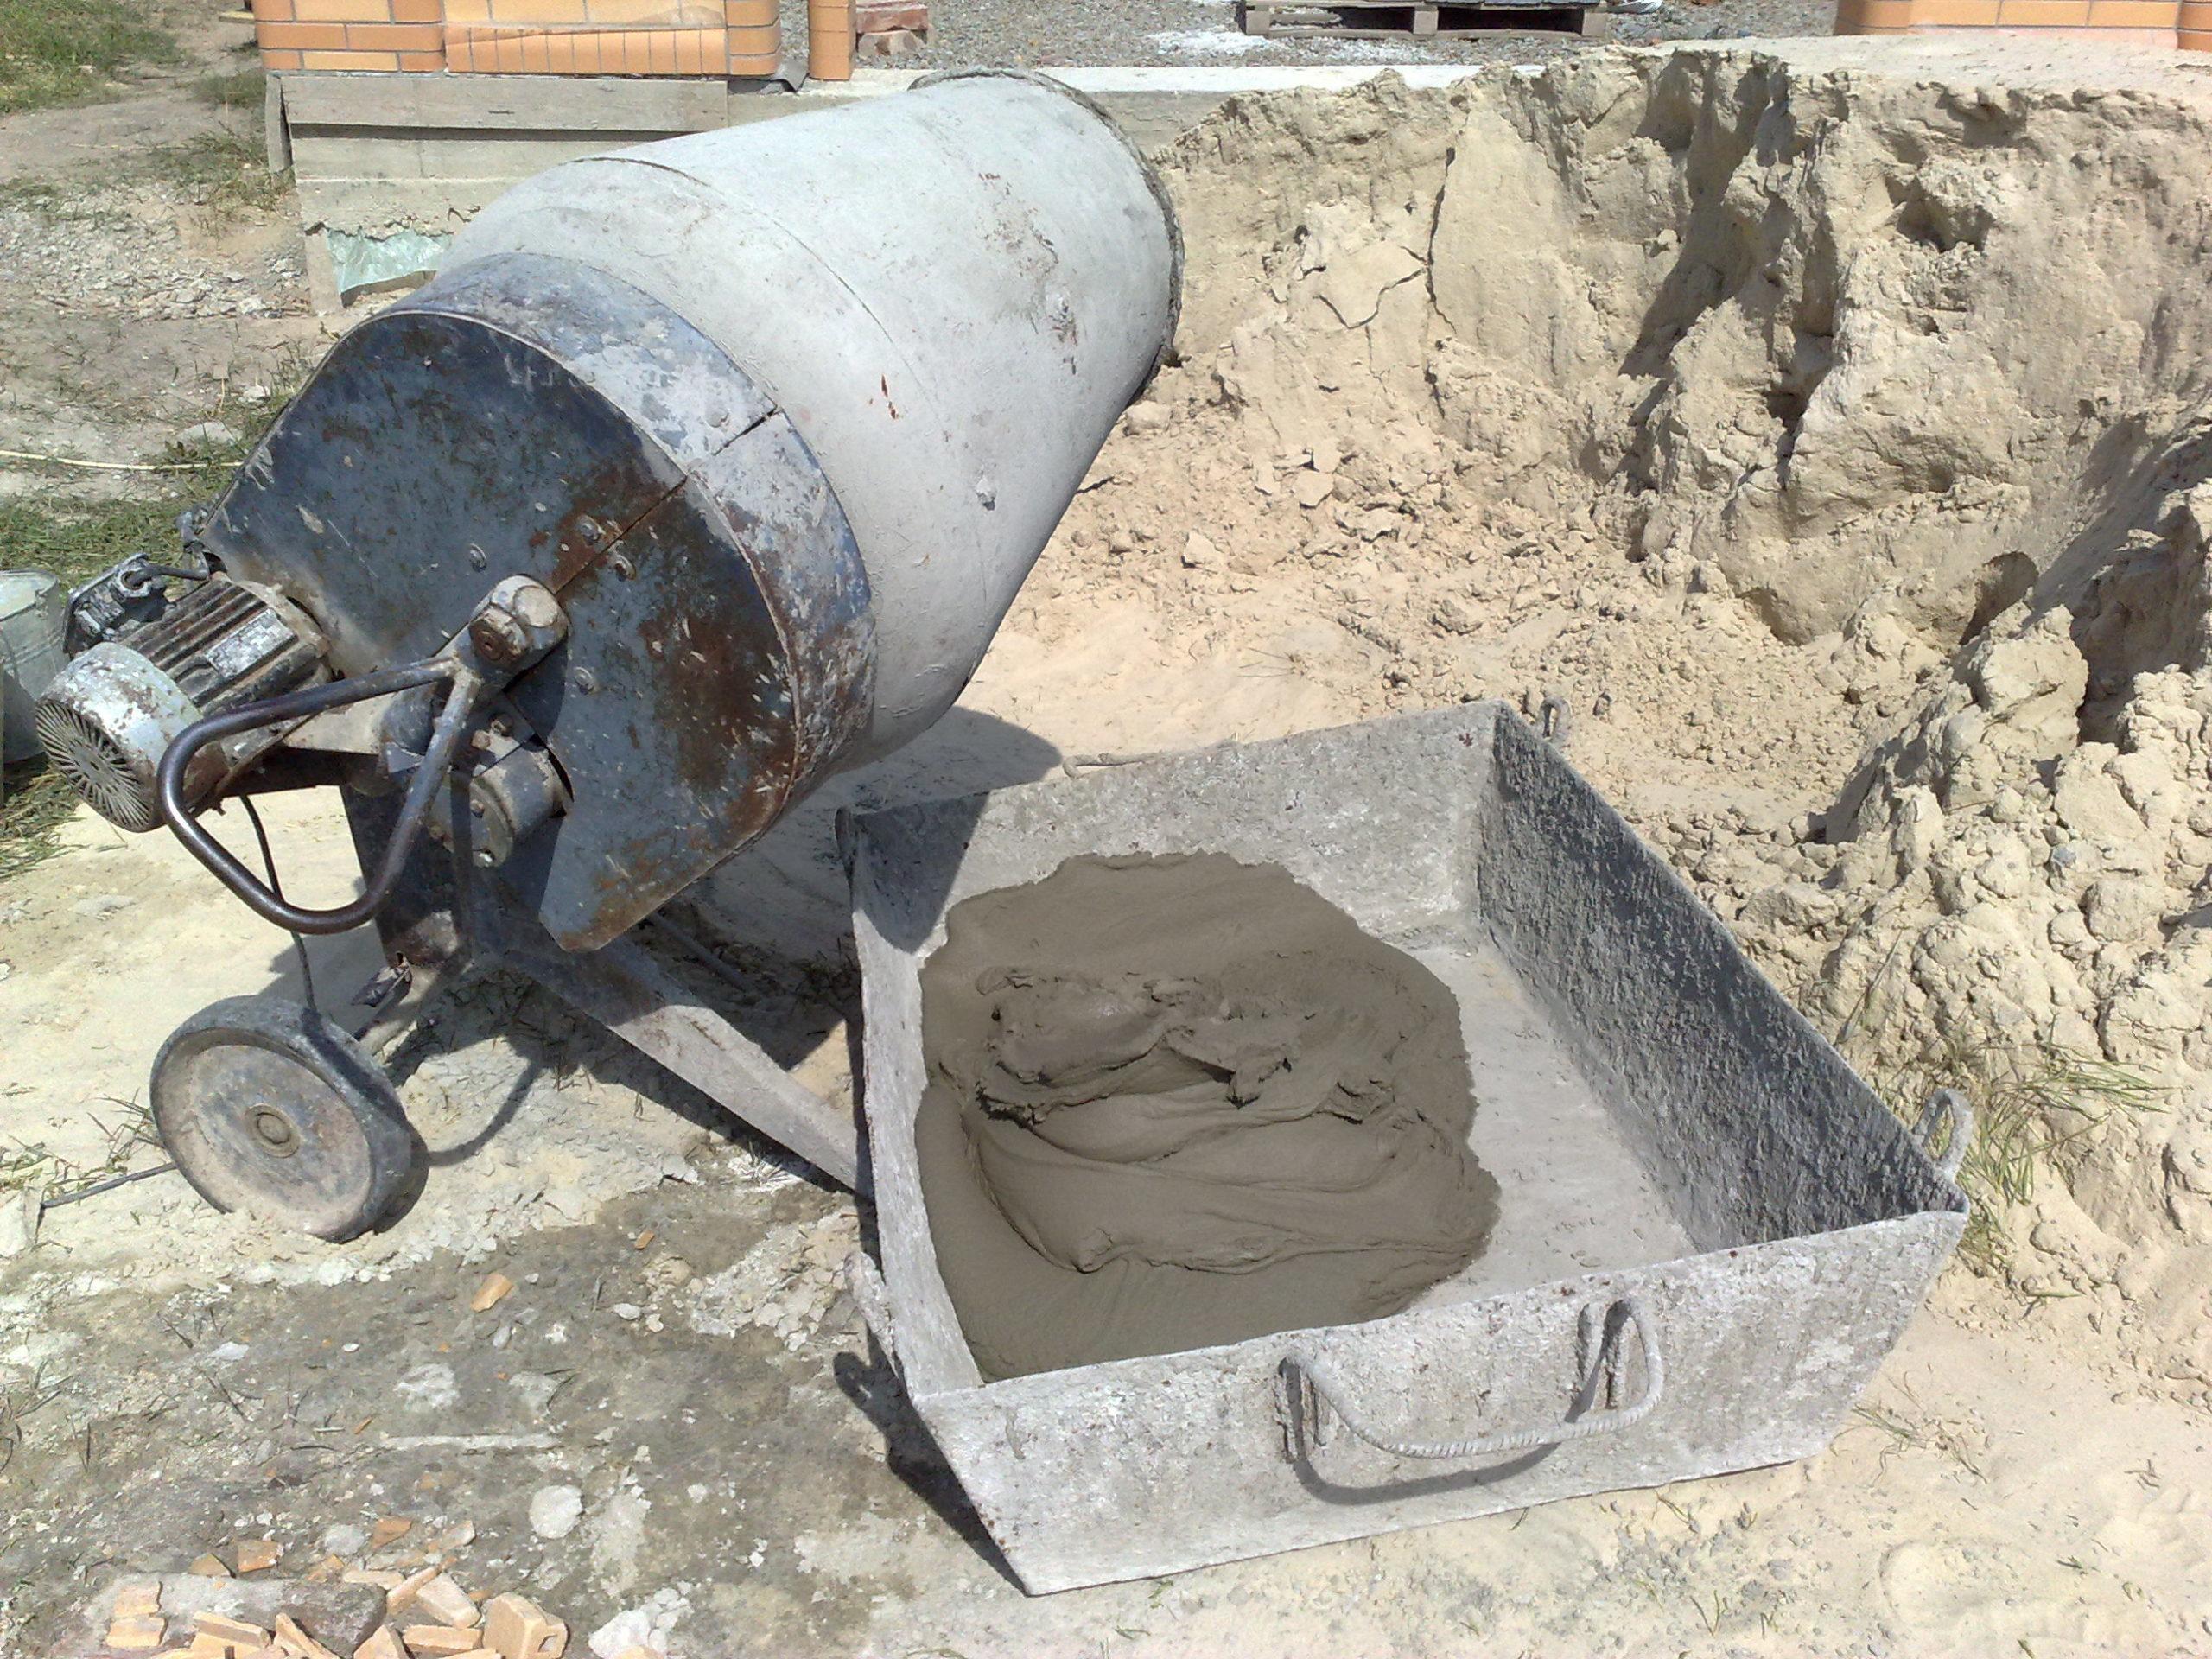 kak-sdelat-cementnyj-rastvor-1-7156121